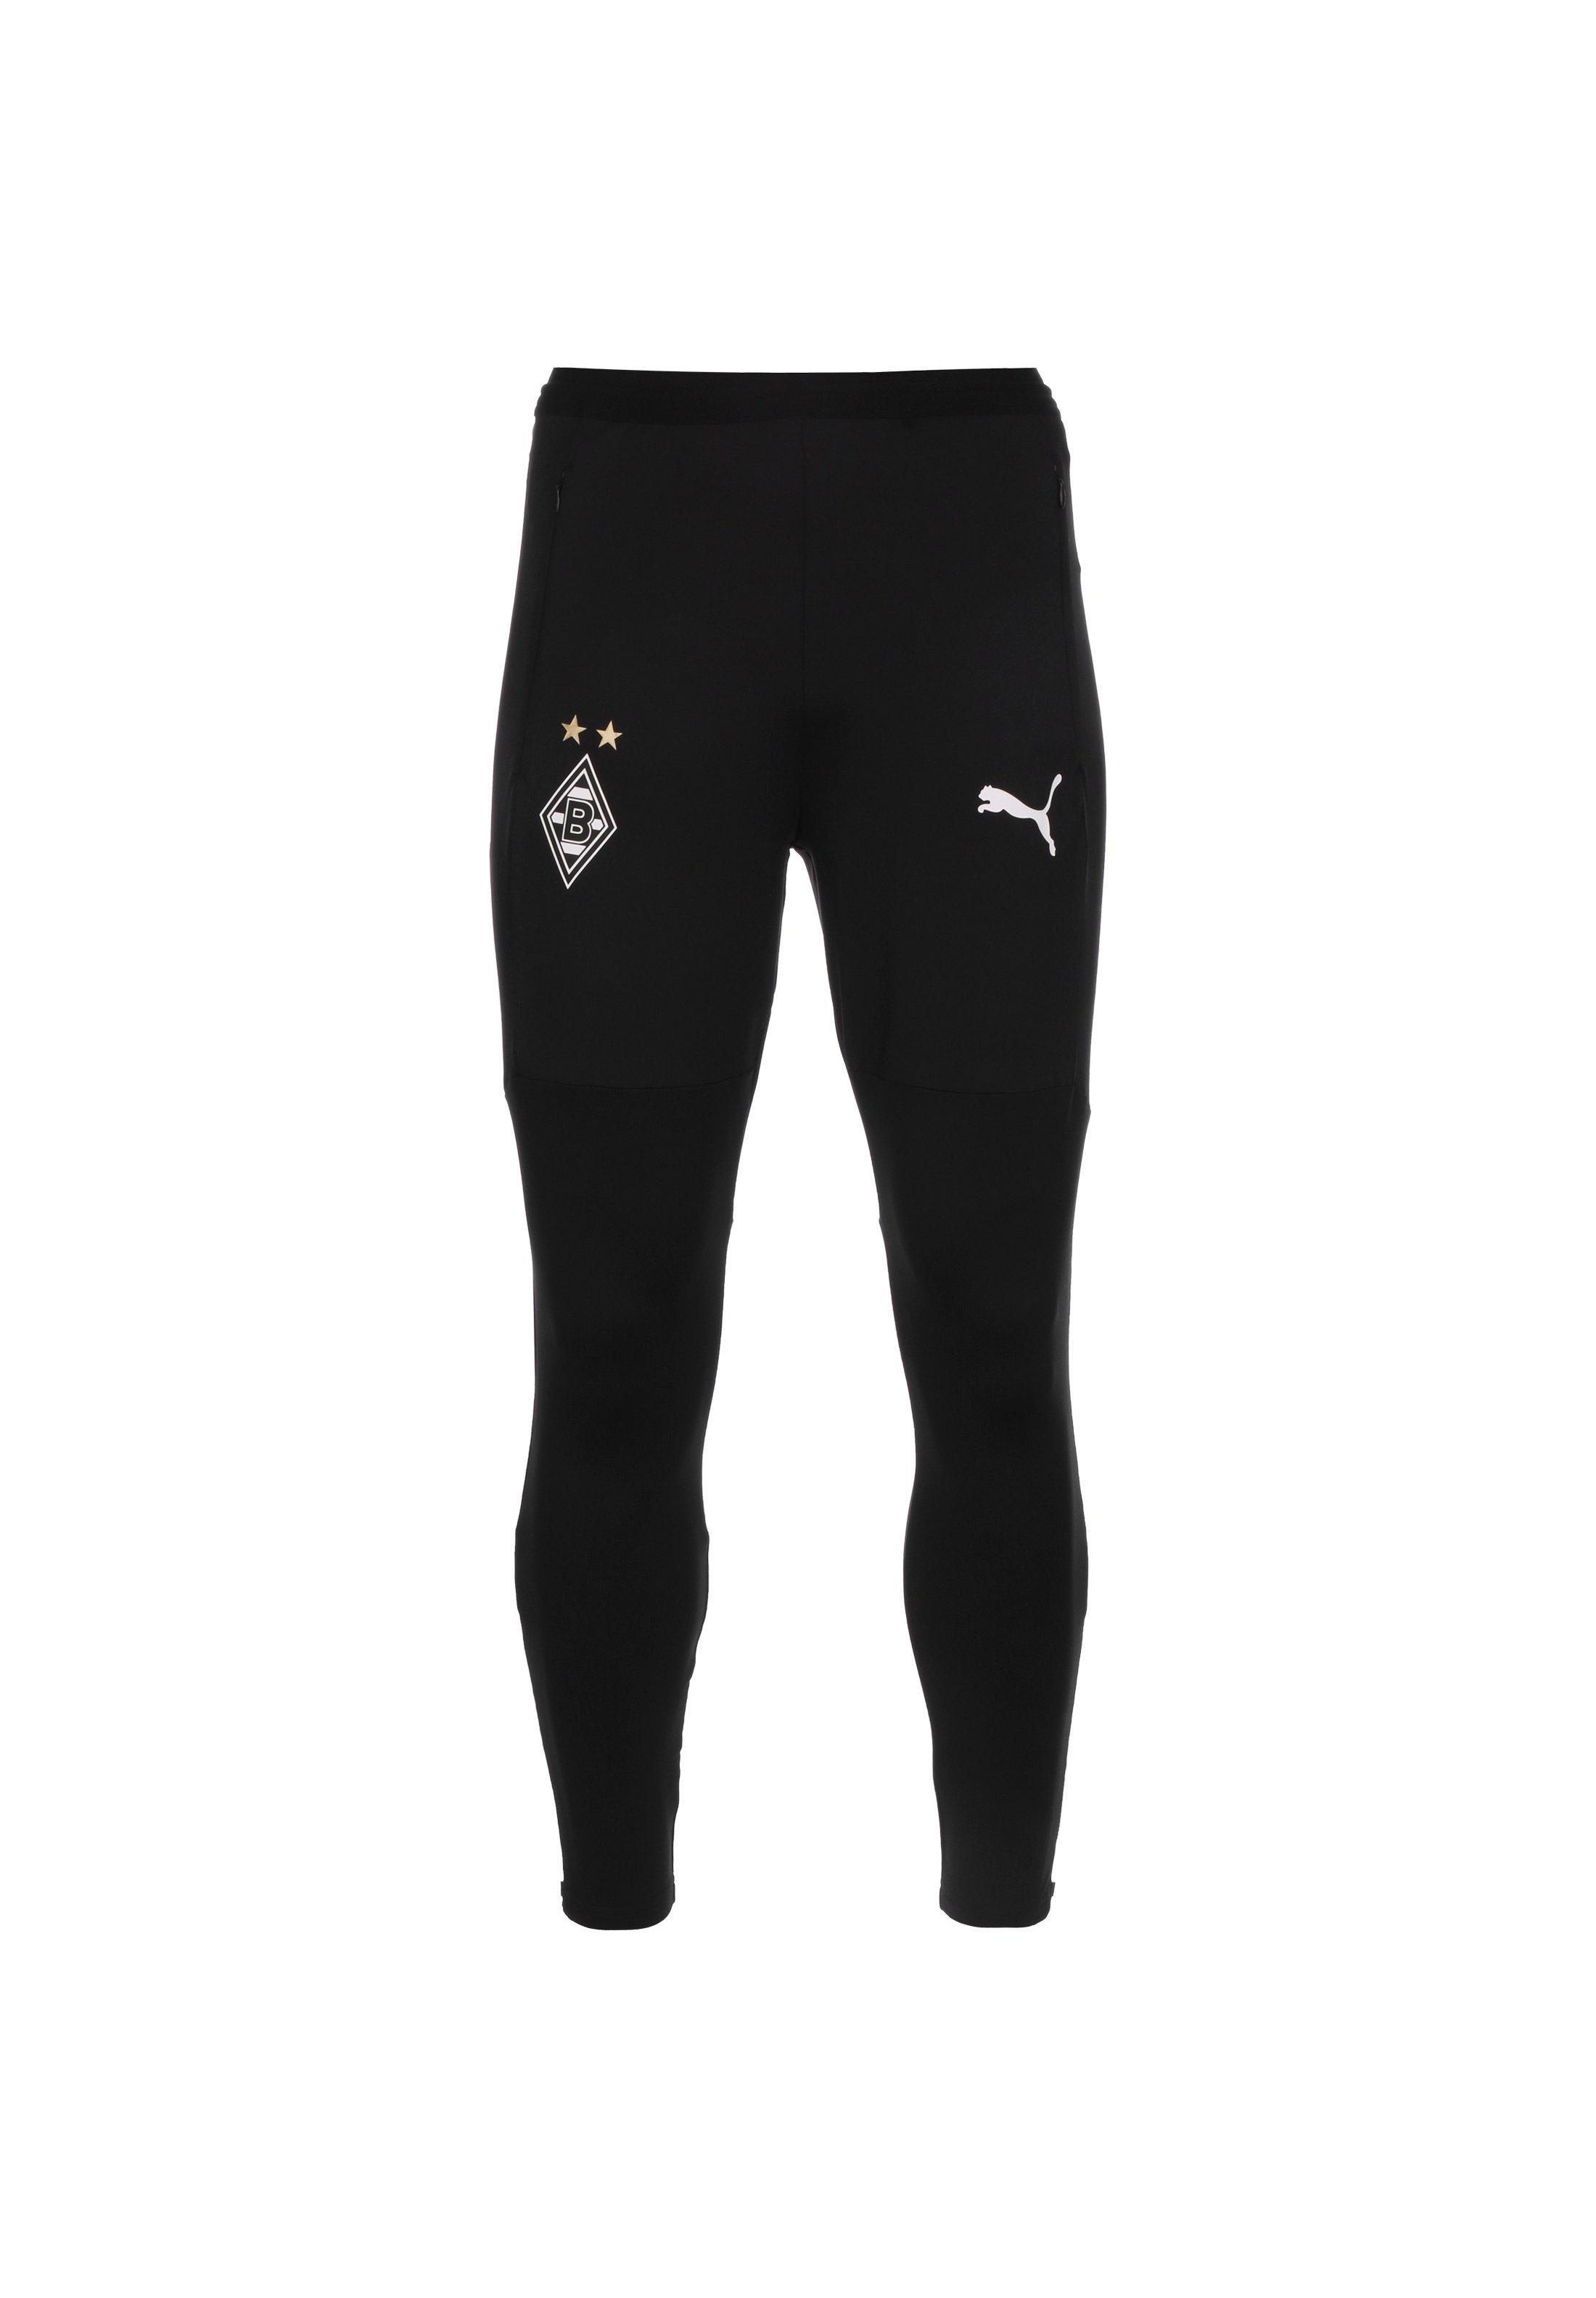 Puma Herren Tights: : Bekleidung